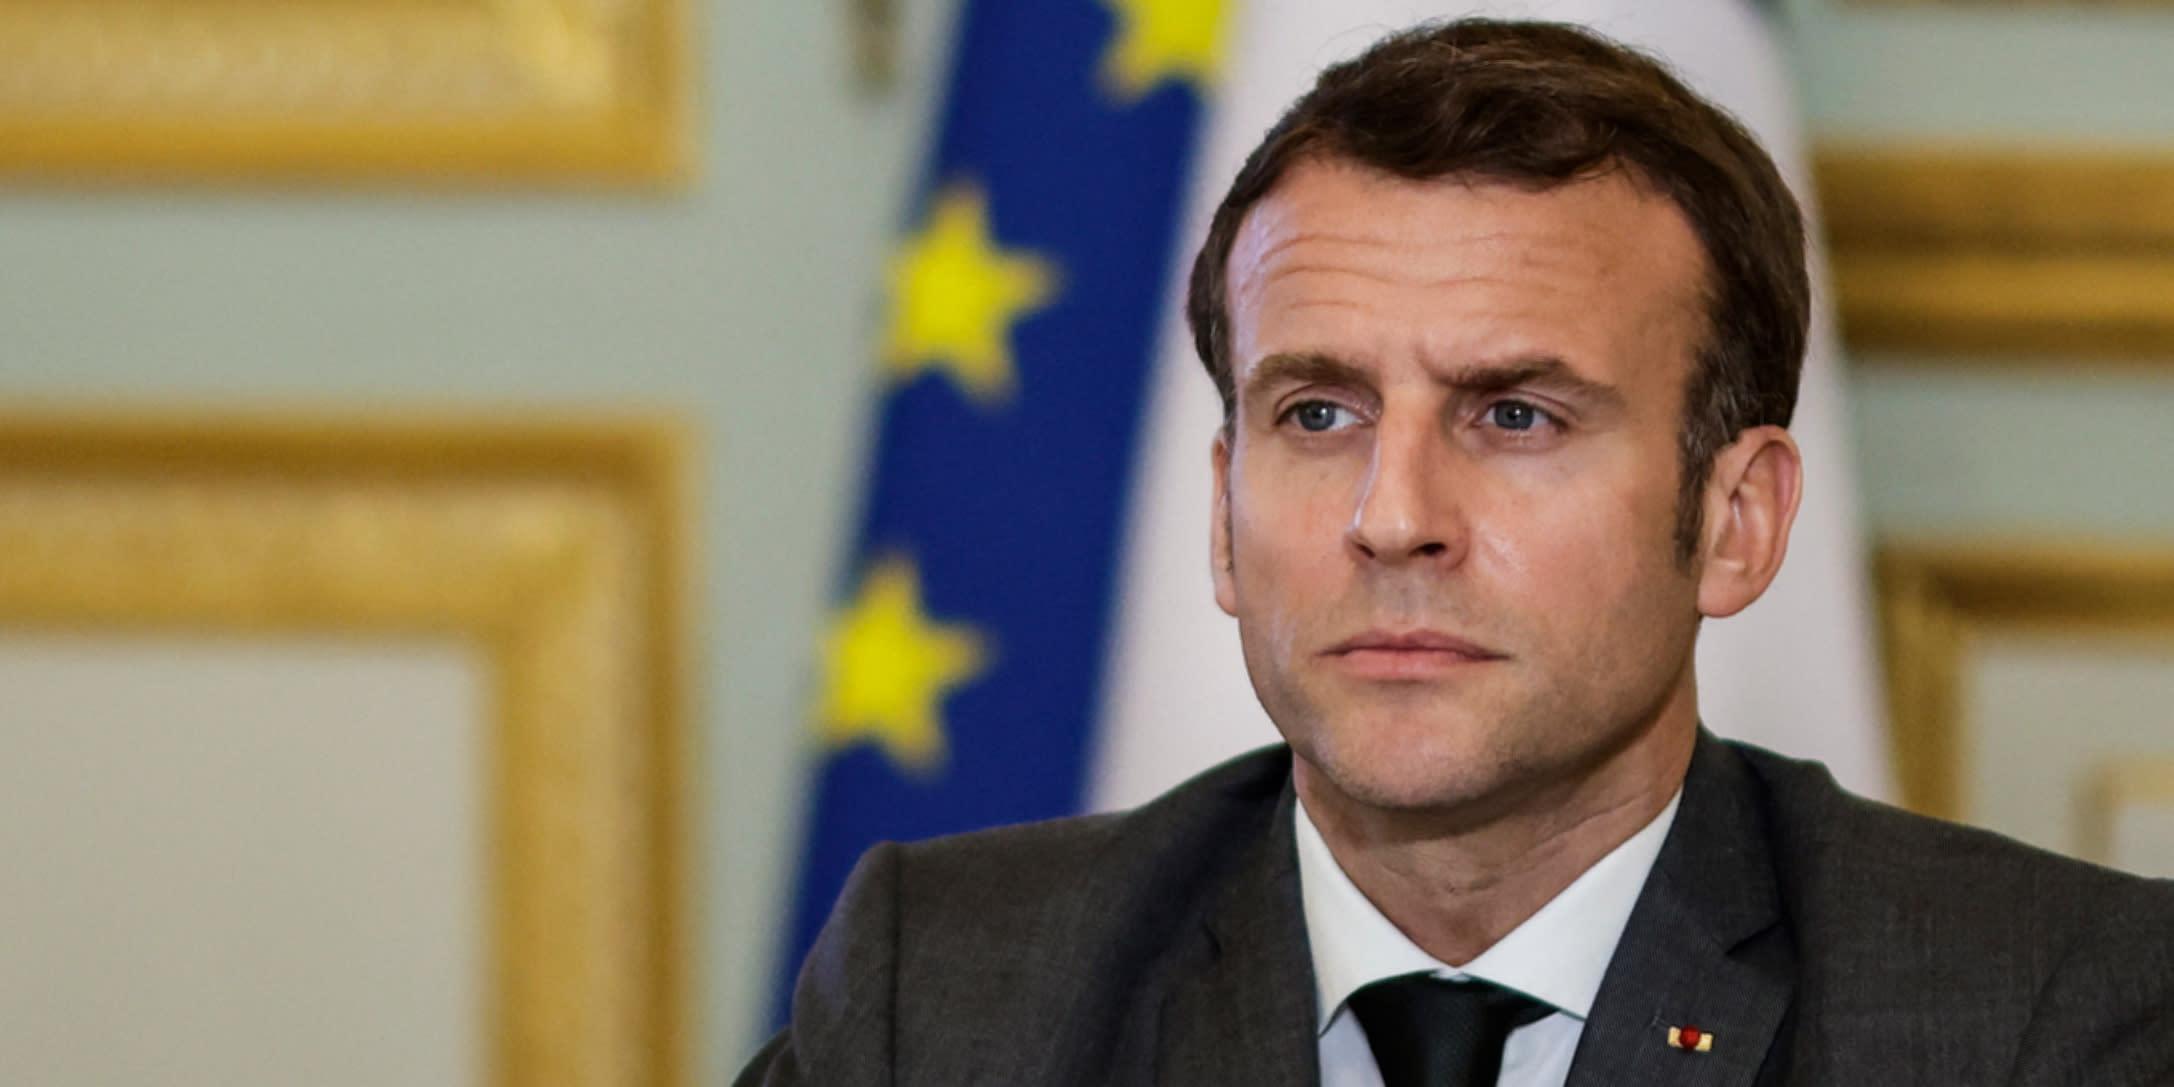 Pas de procès pour l'affaire Sarah Halimi : Macron dit souhaiter un changement de la loi